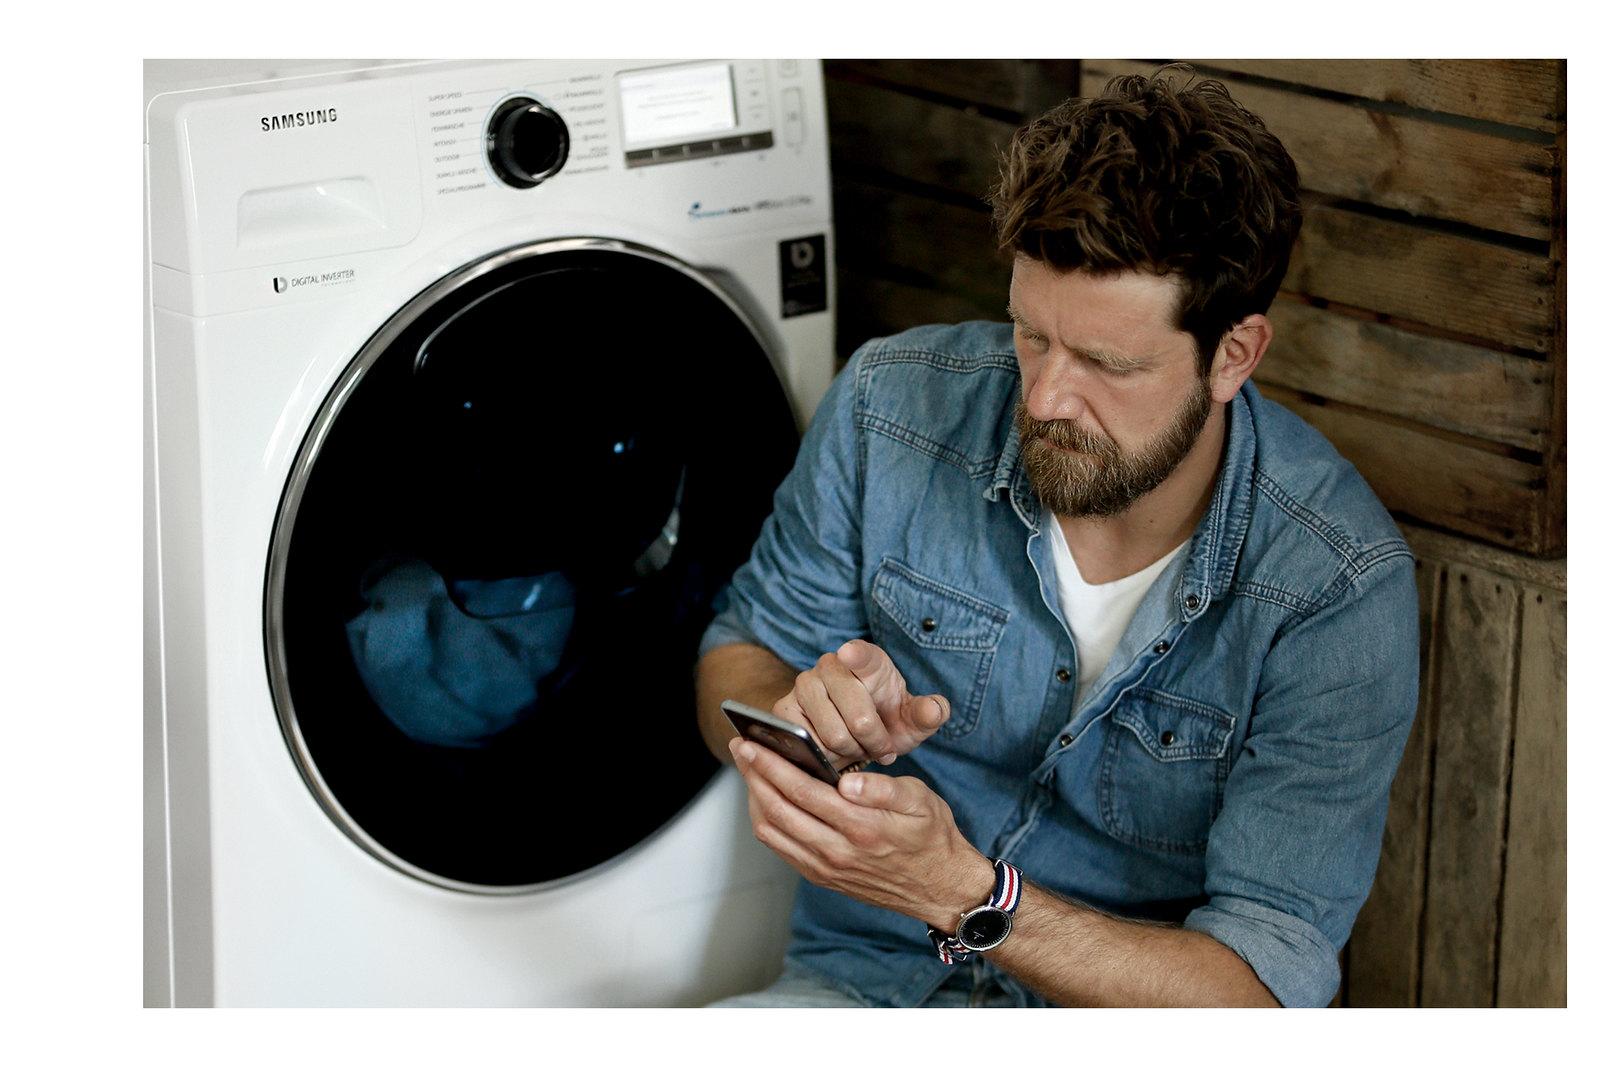 samsung addwash washing machine laundry waschmaschine fashion styling clothes kleidung empfindlich seidepflege wollpflege kleidungspflege samsung smarthome app home lifestyleblogger cats & dogs max bechmann fotografie film düsseldorf ricarda schernus 4